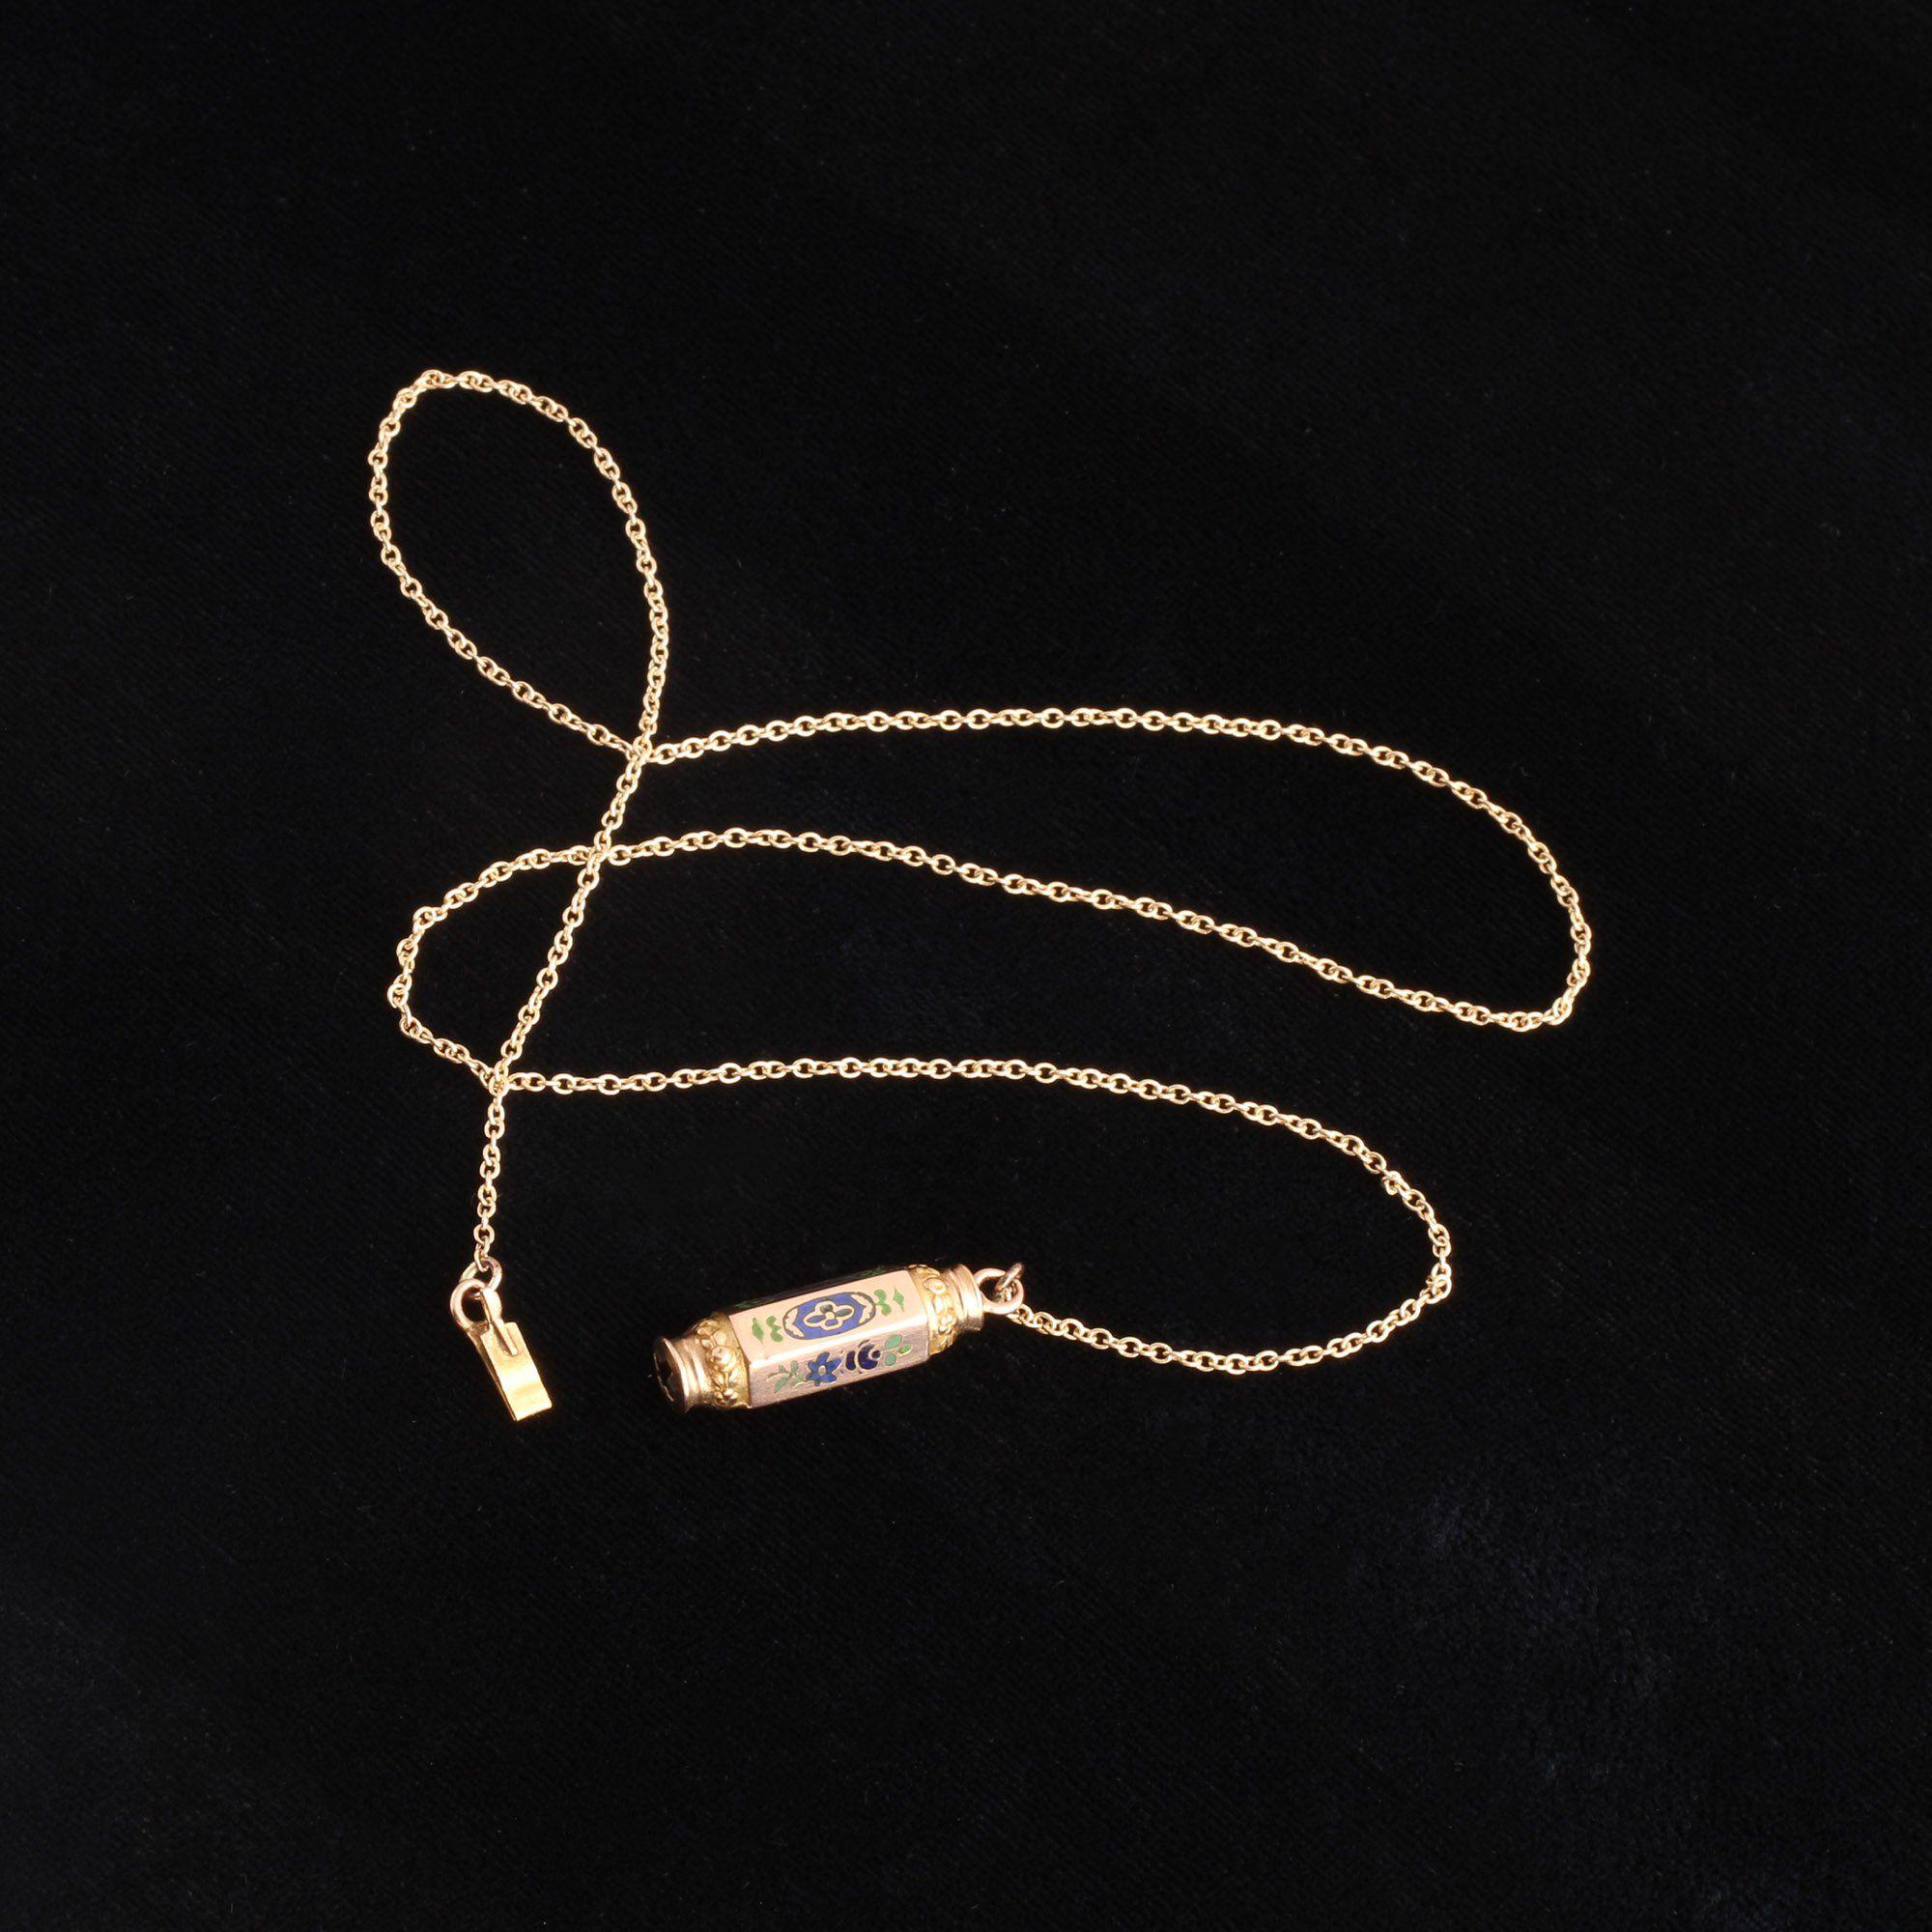 Victorian Enamel Barrel Clasp Necklace